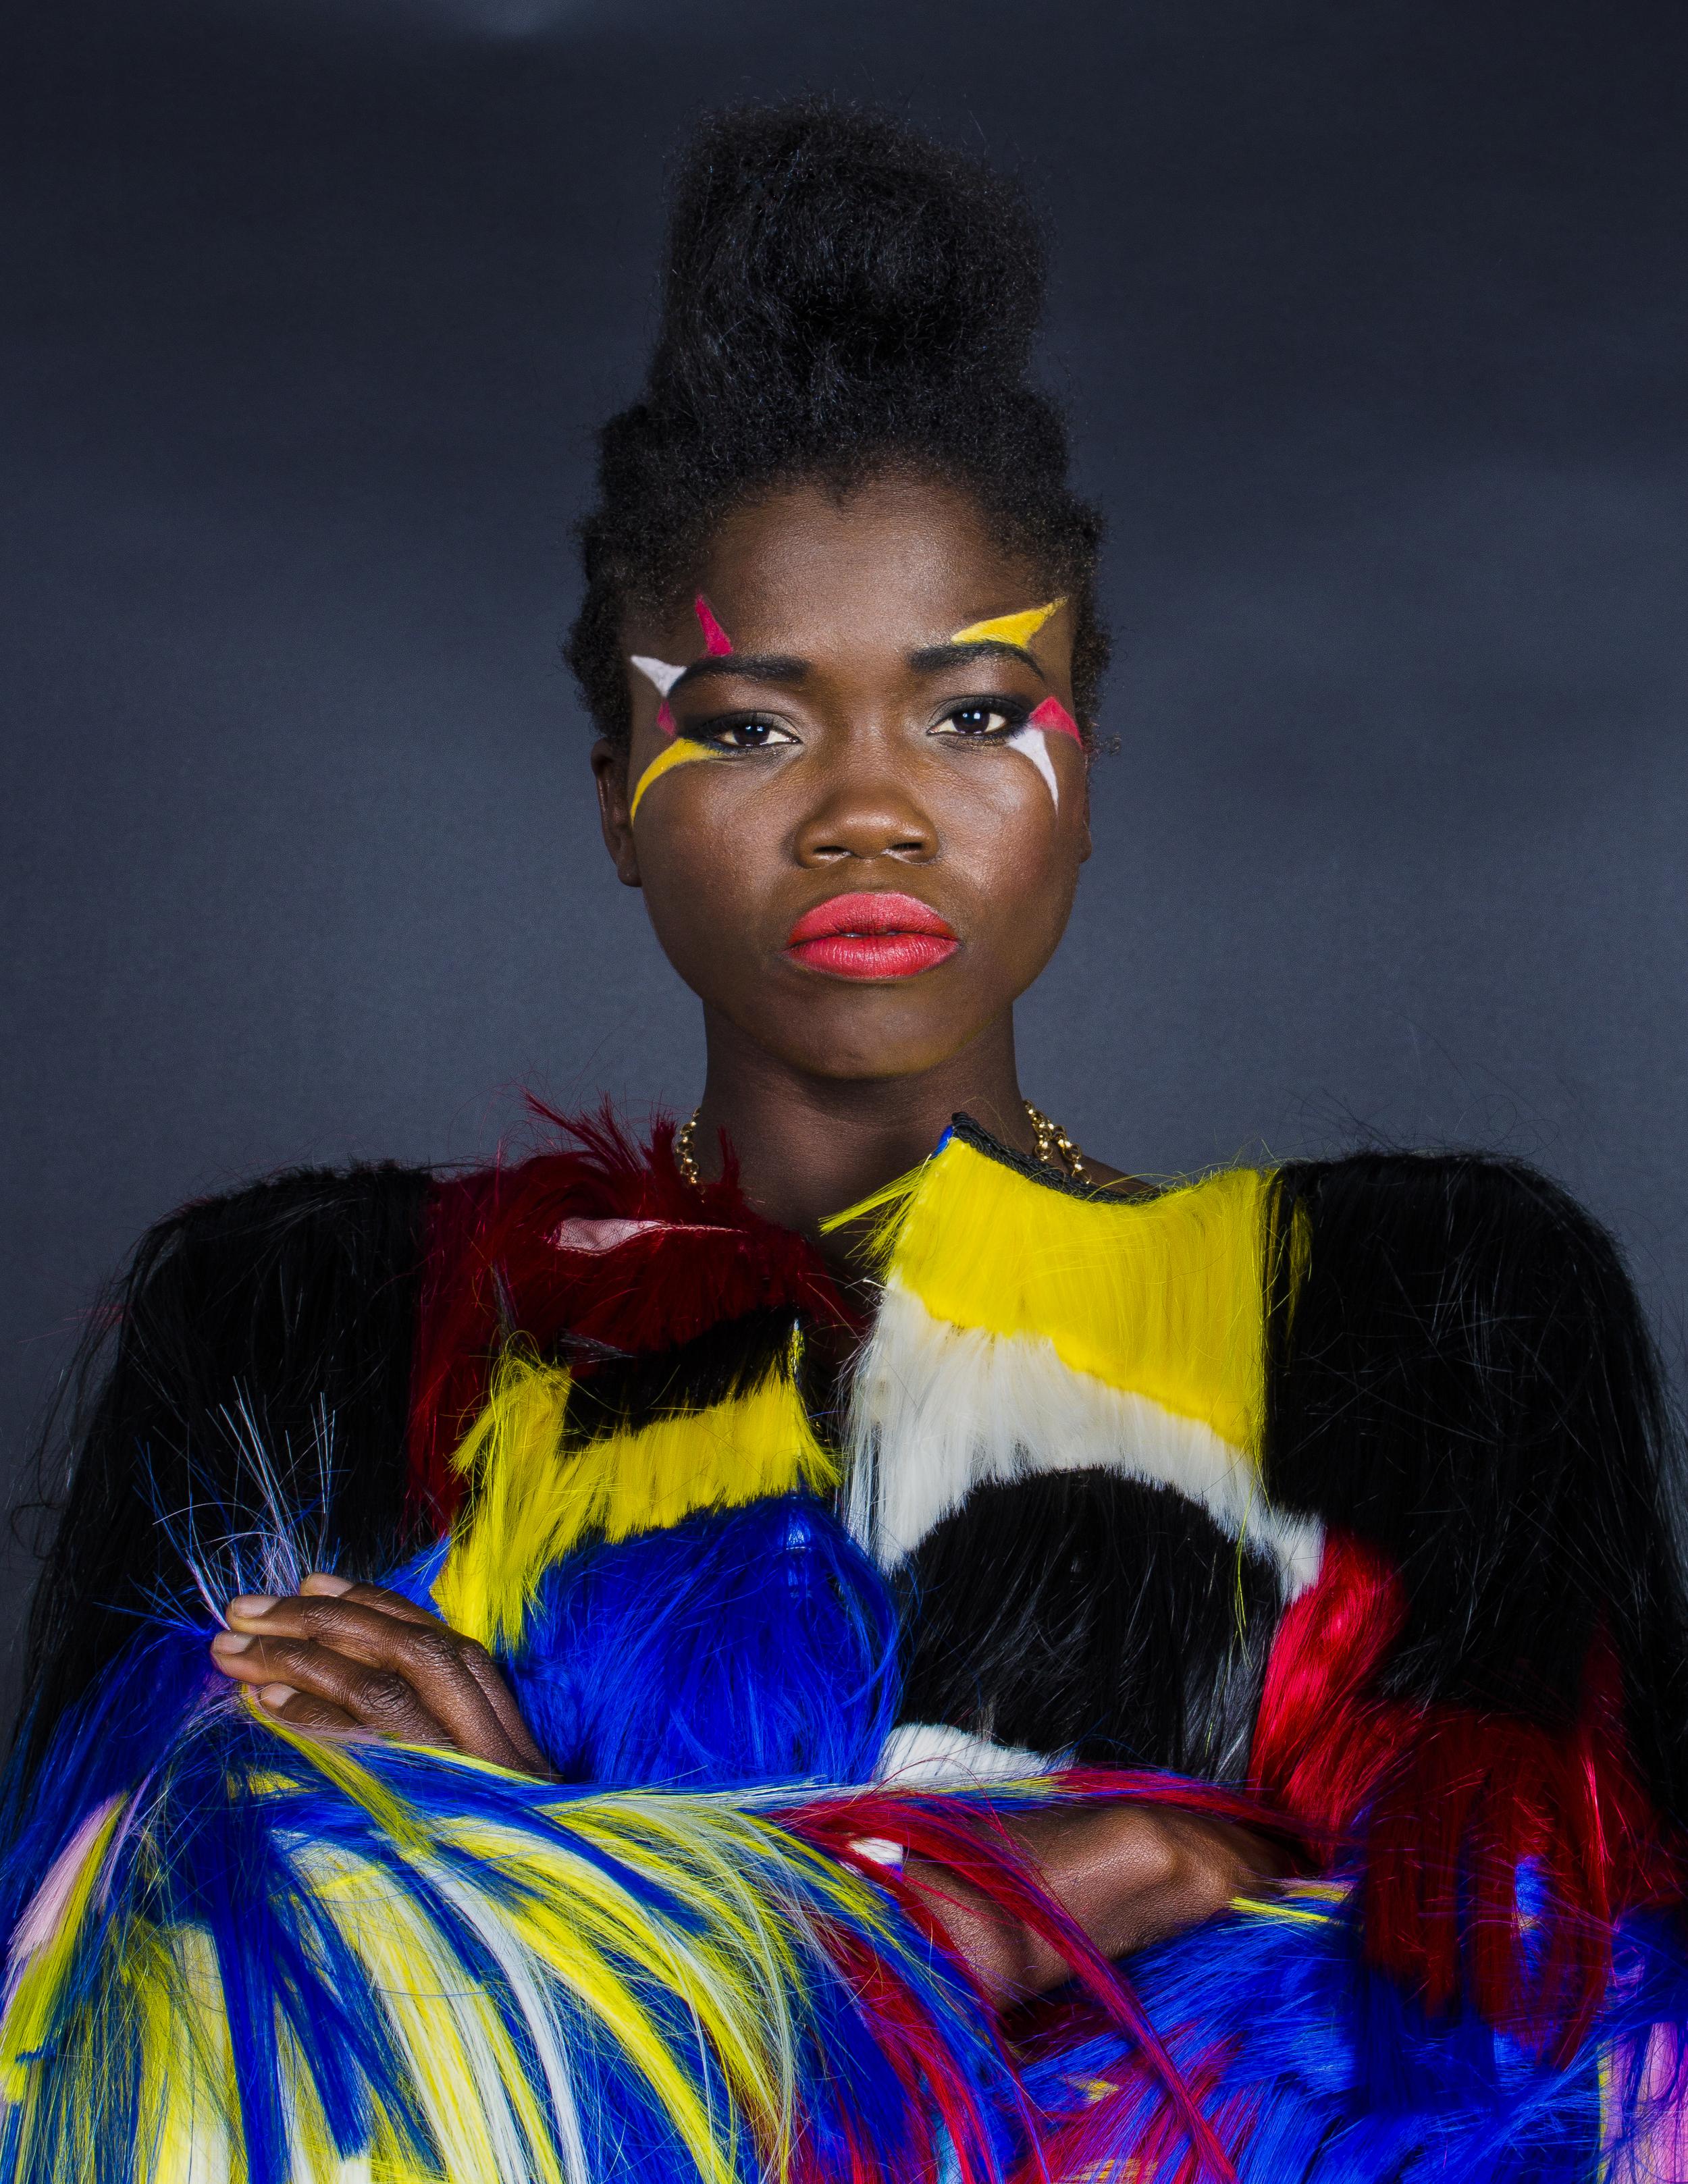 Fashion, makeup, designer